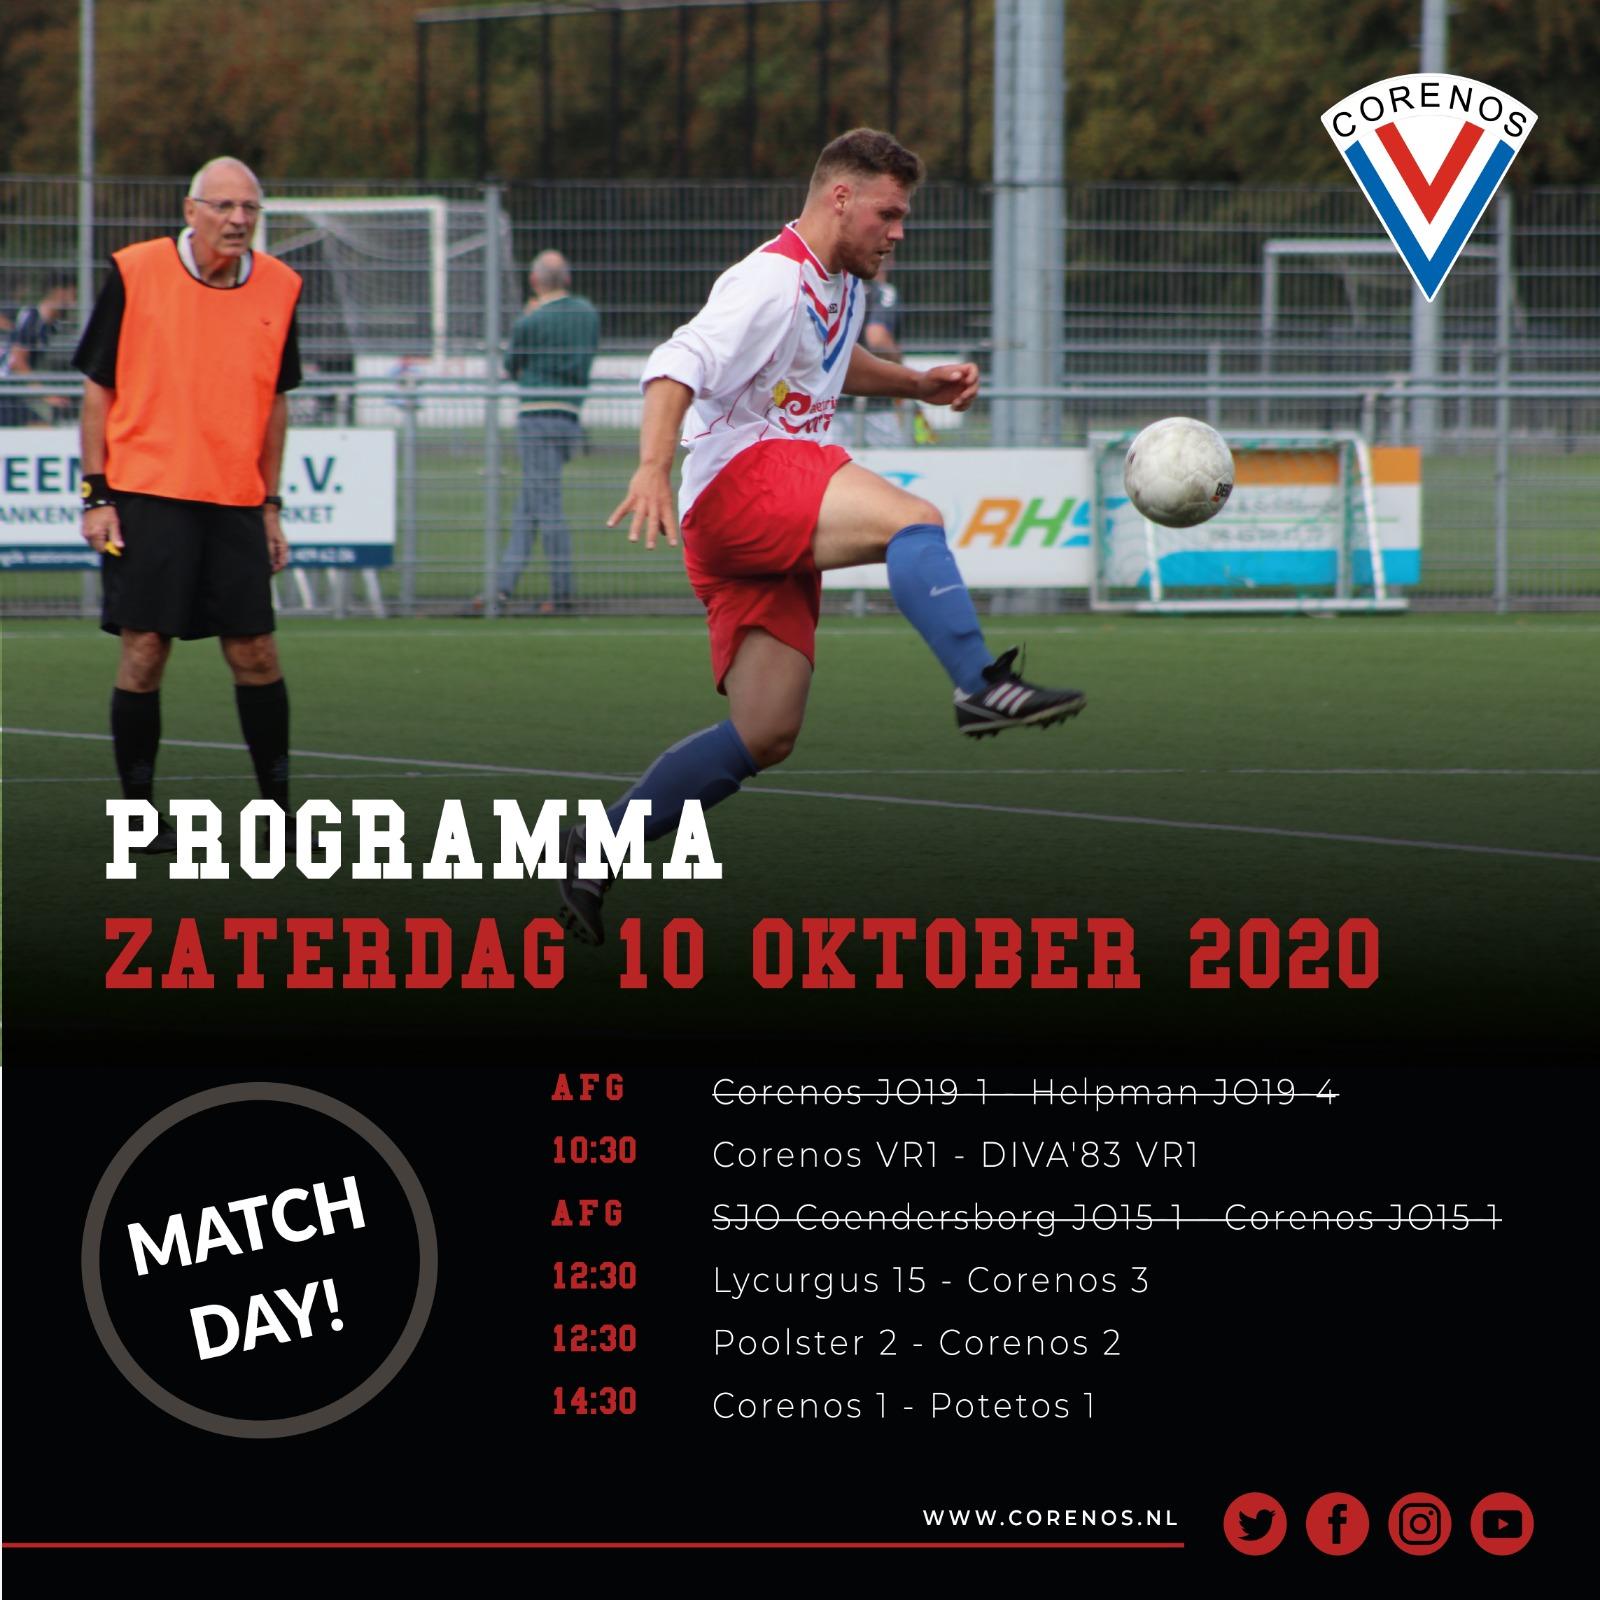 Programma 10 oktober